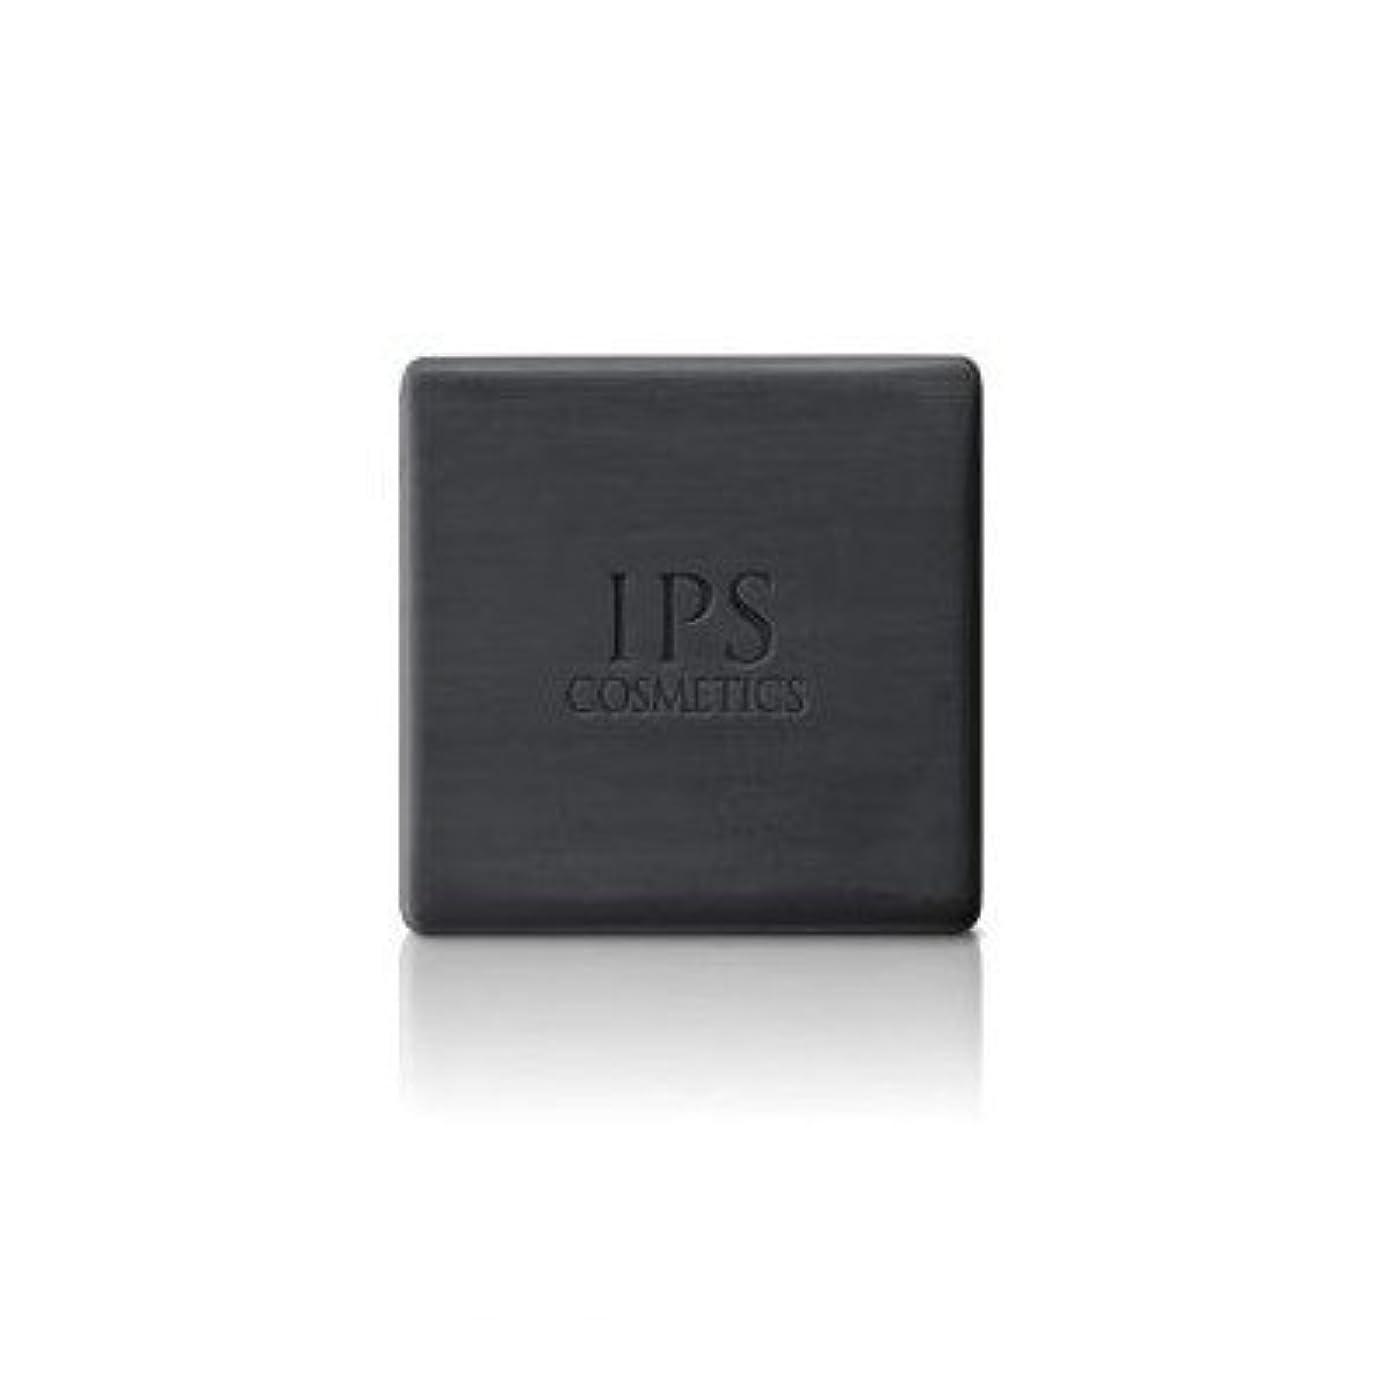 ドループ穀物哲学博士IPS コンディショニングバー 洗顔石鹸 120g